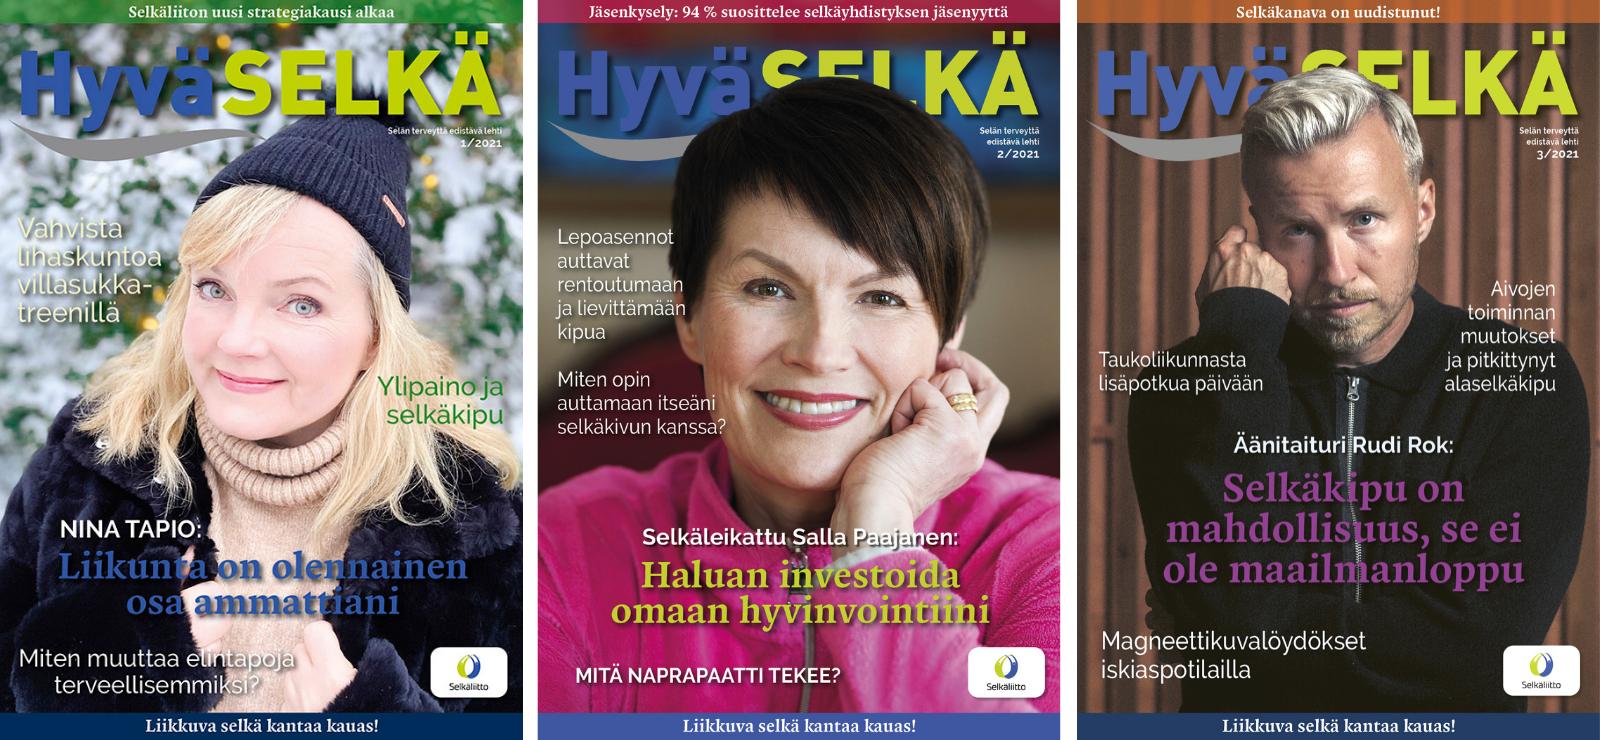 Kolme Hyvä Selkä -lehden kansikuvaa.